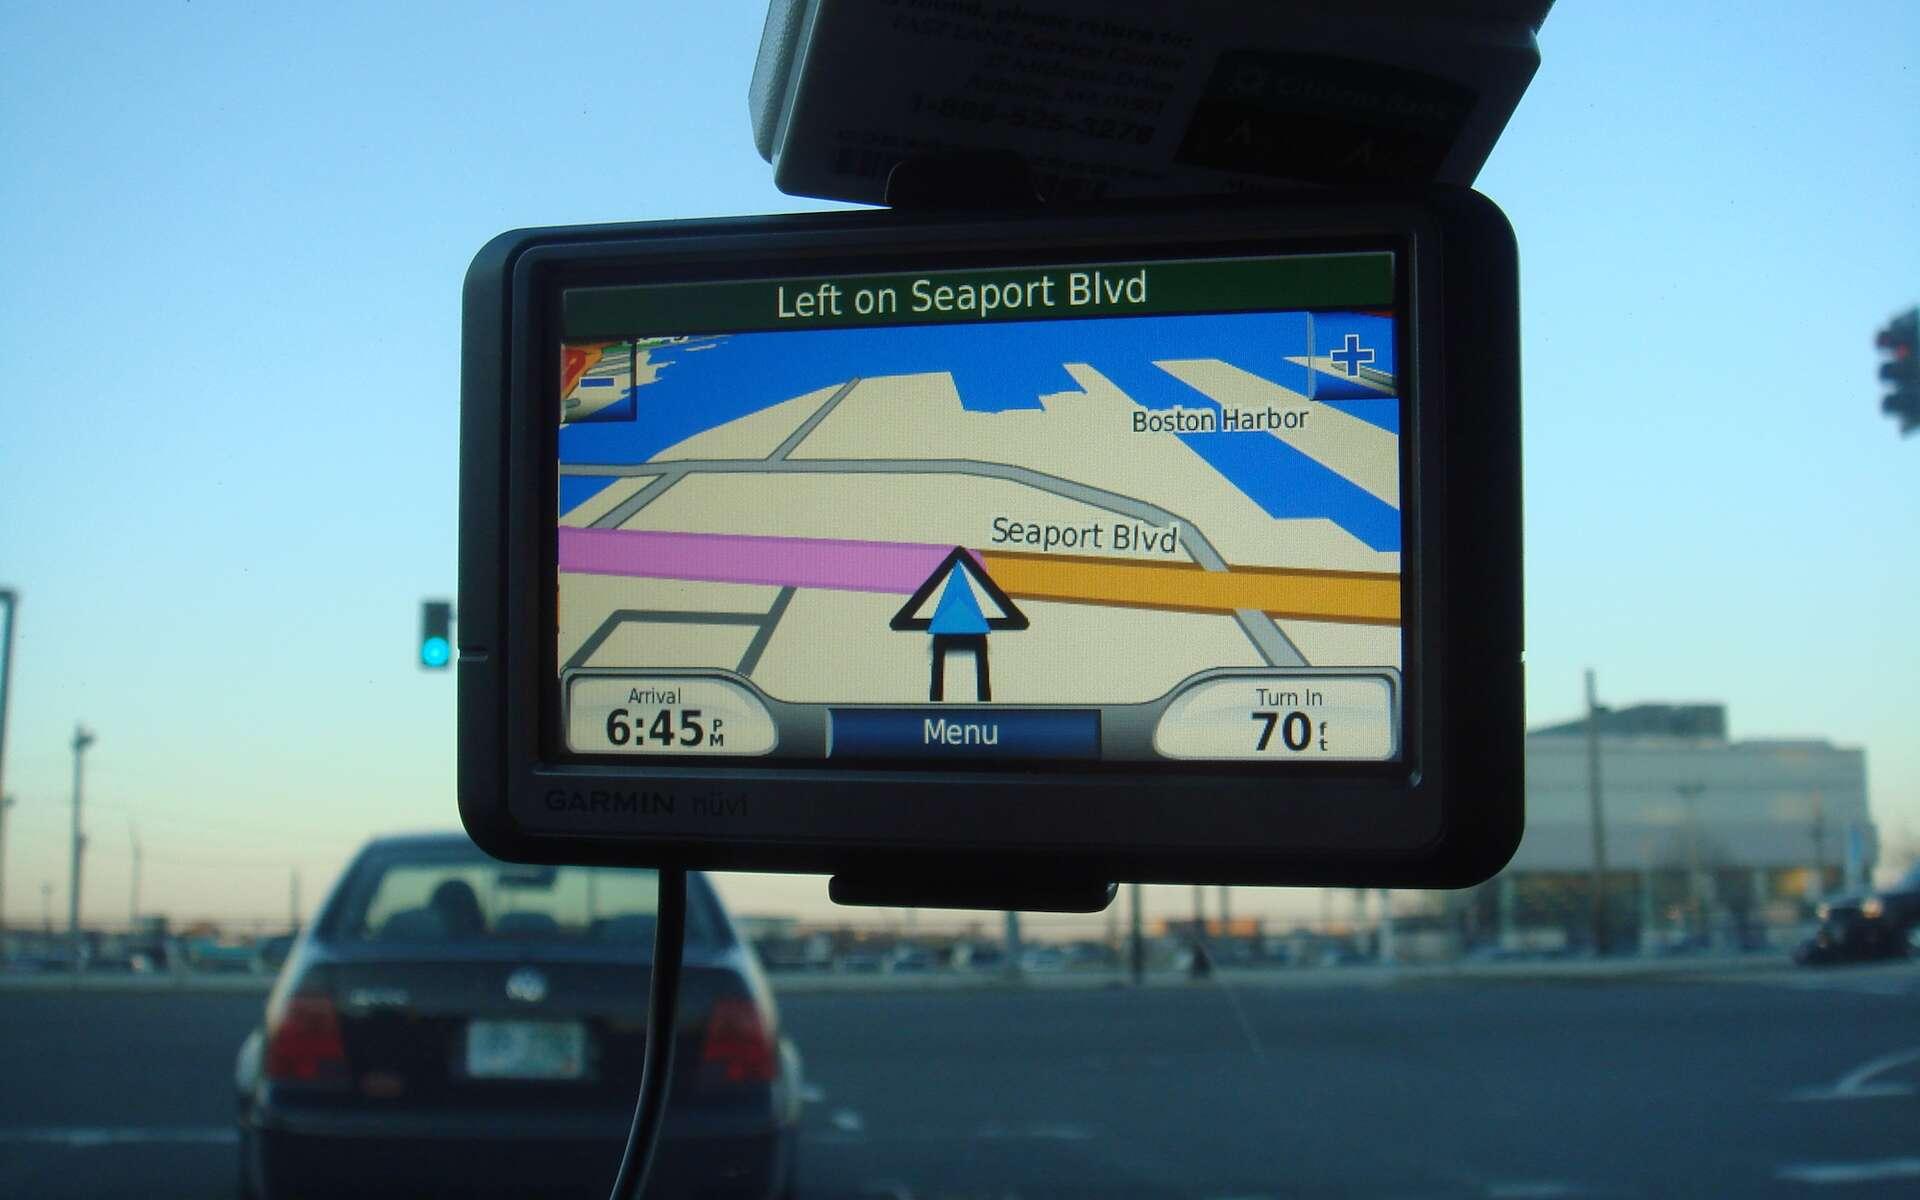 La précision des GPS dépend grandement de la précision des horloges atomiques embarquées dans les satellites qui constituent le système. © Joe Gallagher, Flickr, CC by-nc-nd 2.0